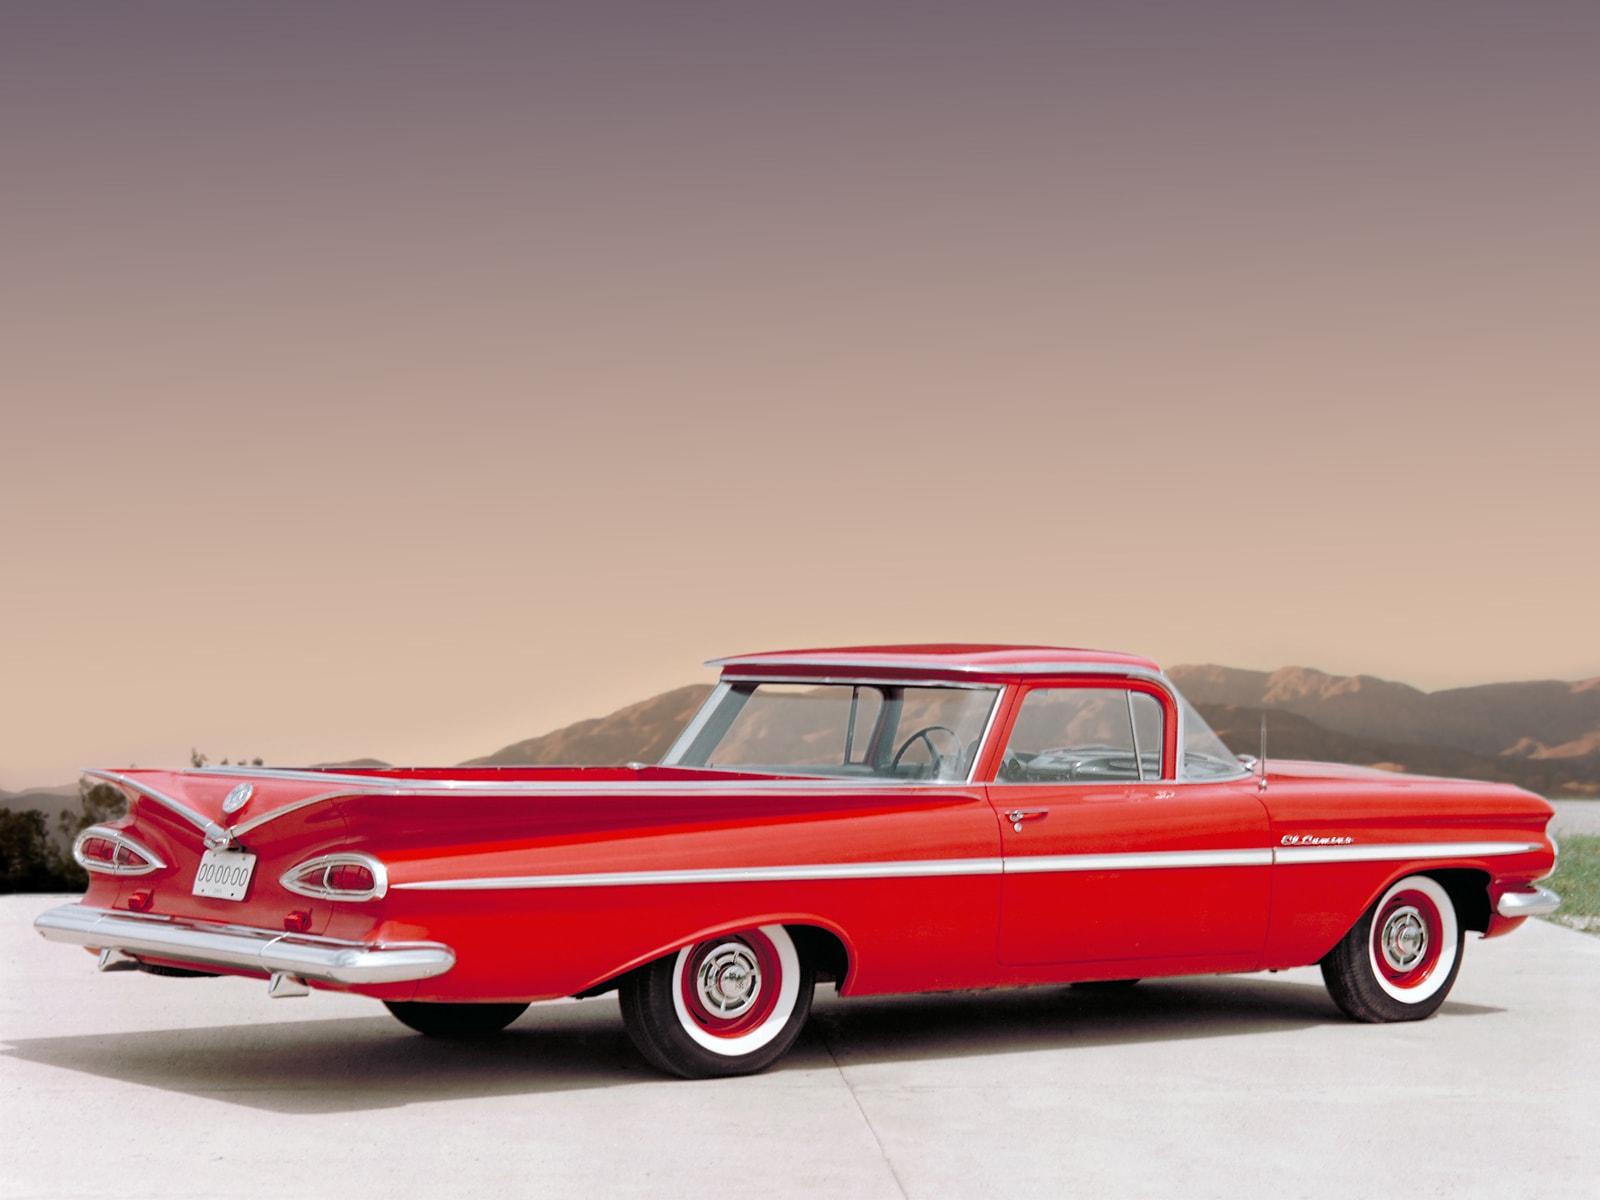 1959 Chevrolet El Camino Pictures